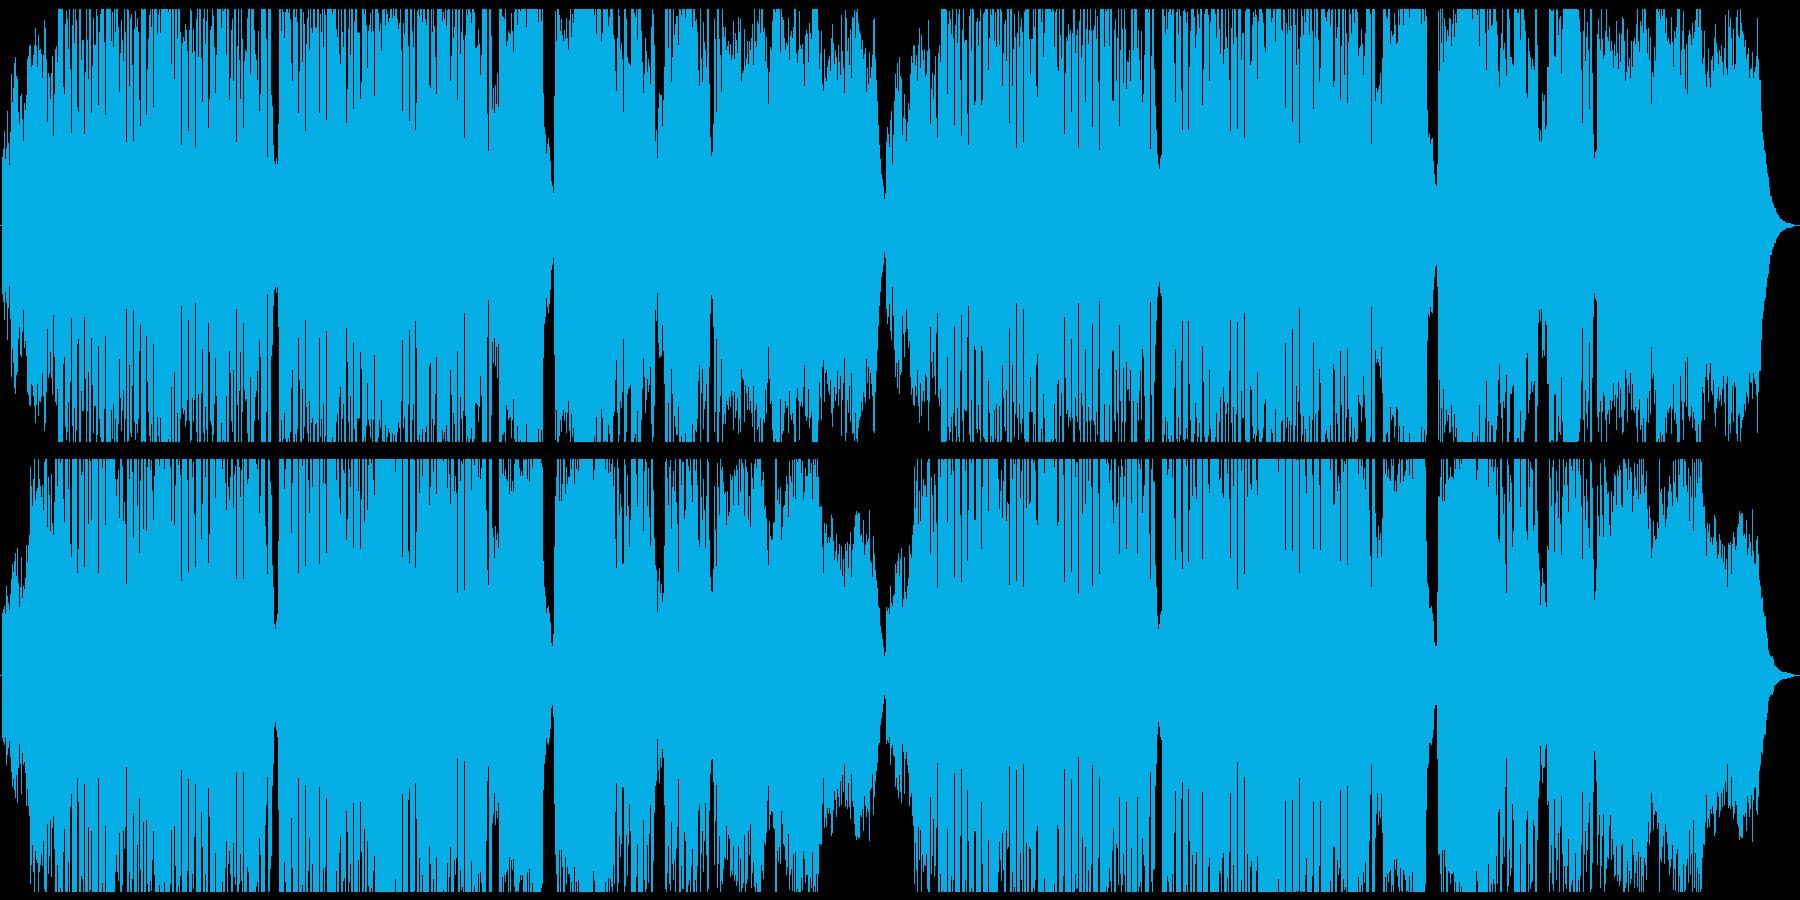 ハロウィン・コミカルなホラー曲の再生済みの波形